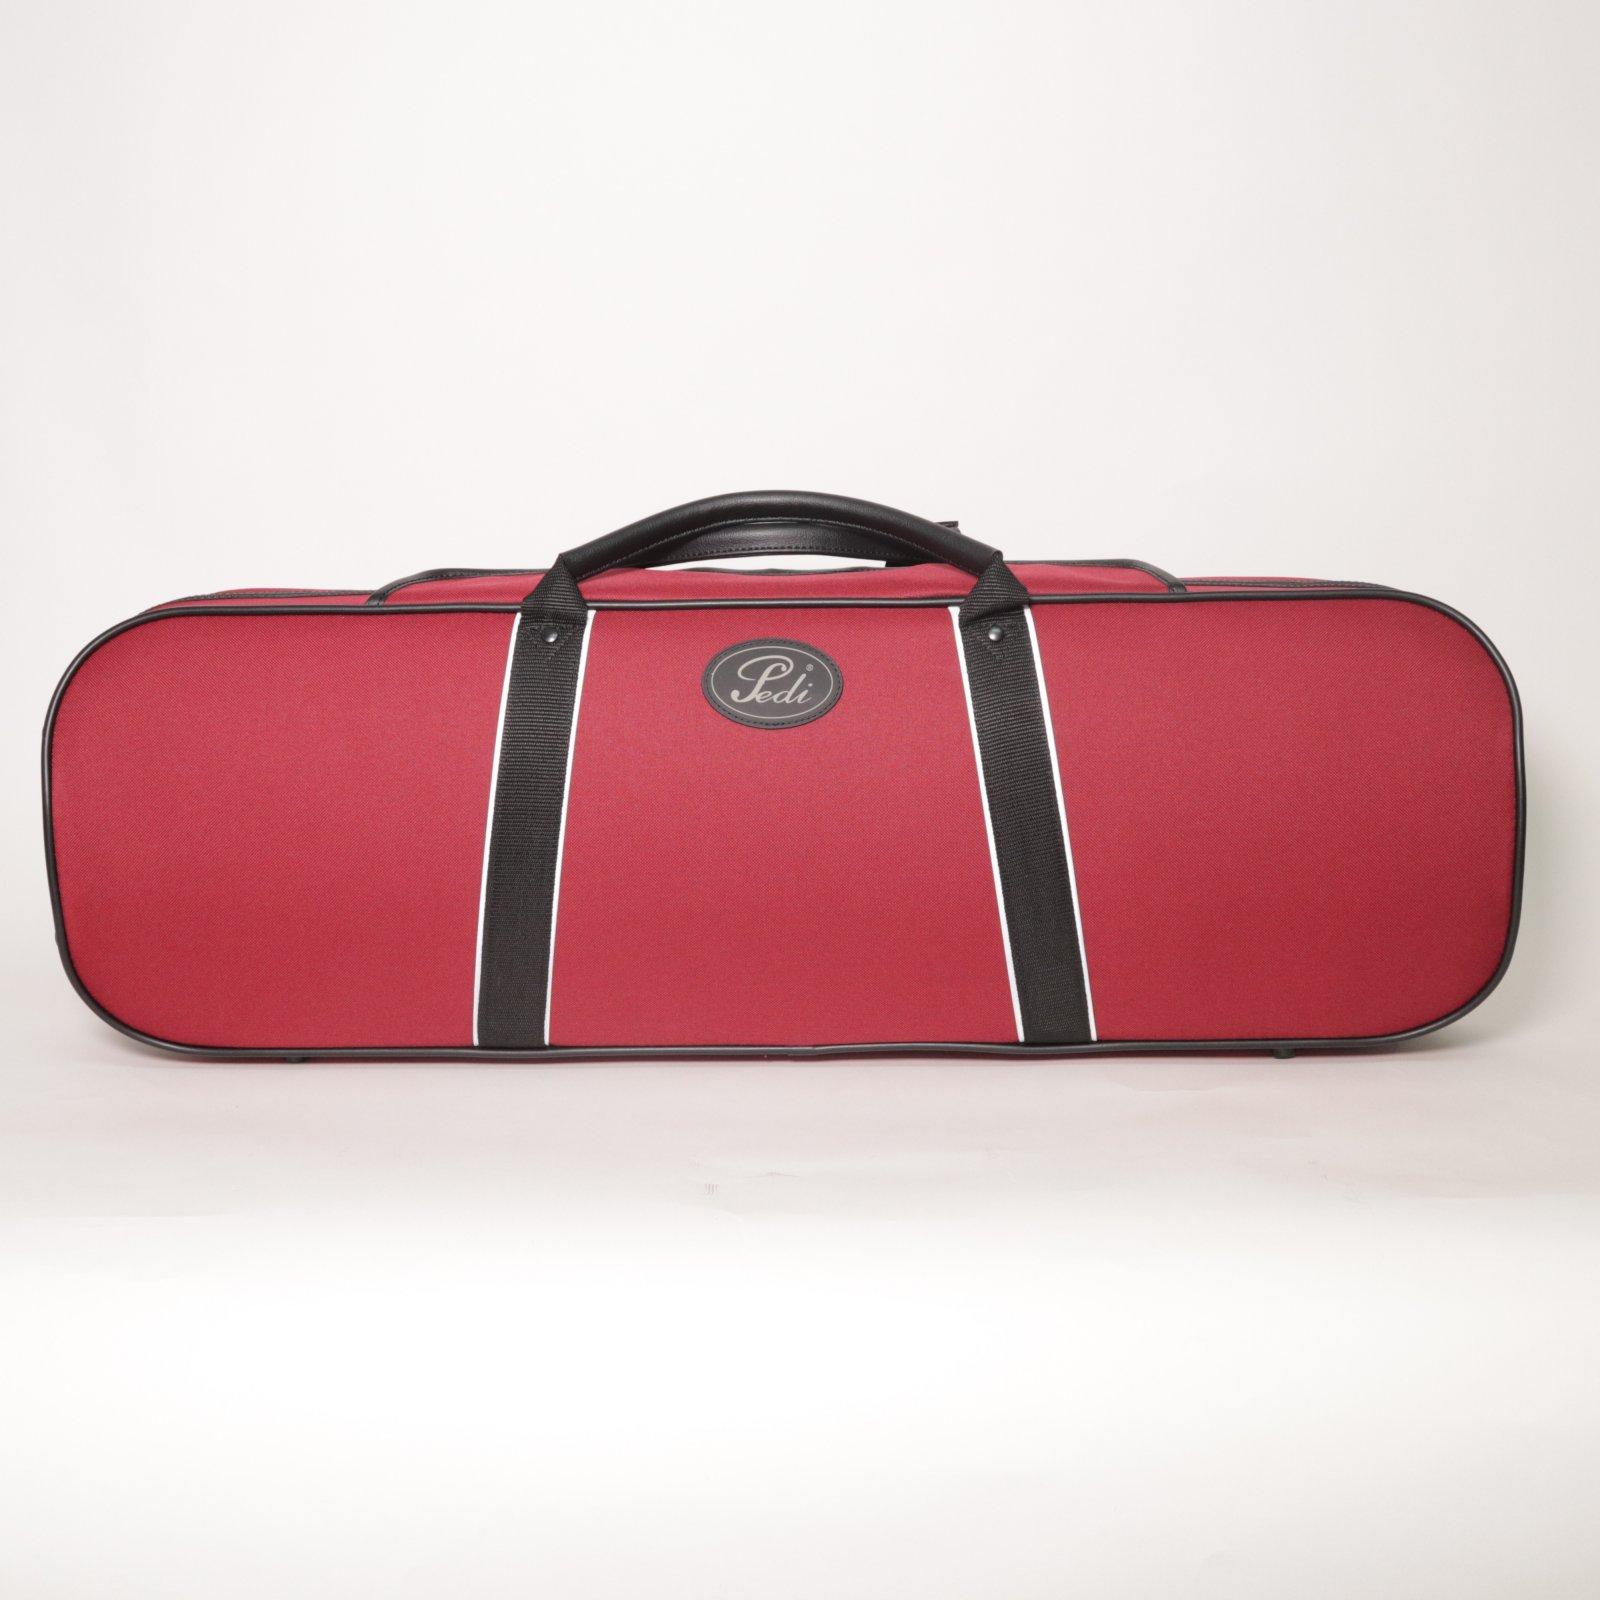 Pedi Niteflash Red Violin Case